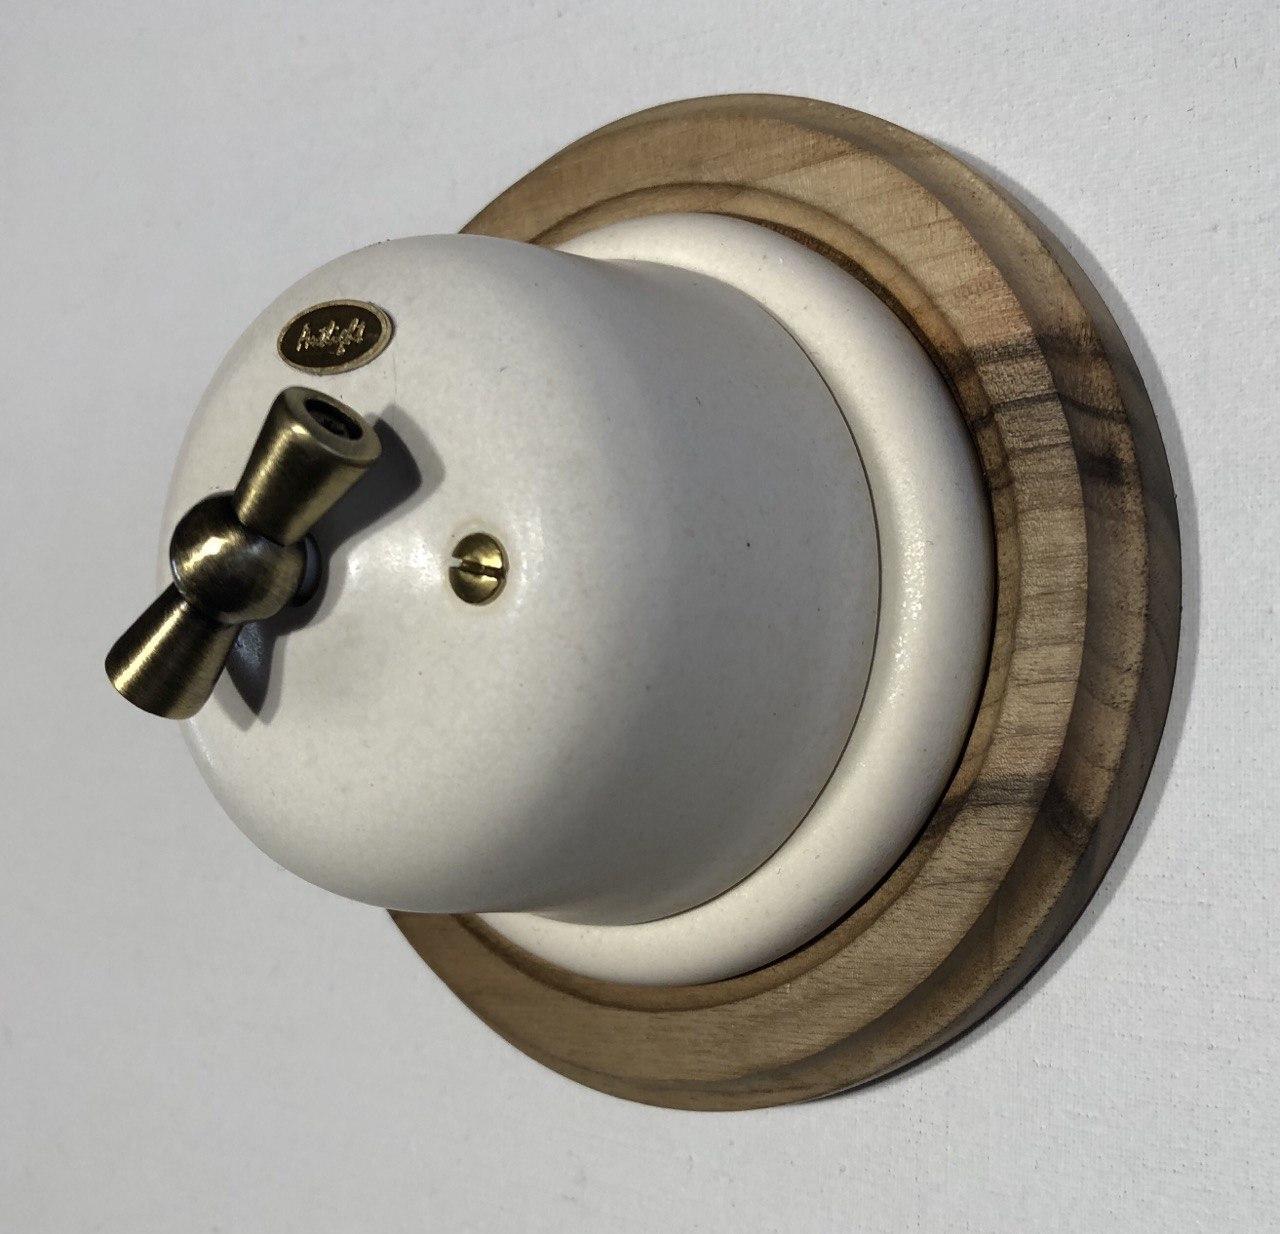 Ретро вимикач фарфоровий поворотний, перехресний Lux Ivory, фурнітура дерево, бронза, хром.